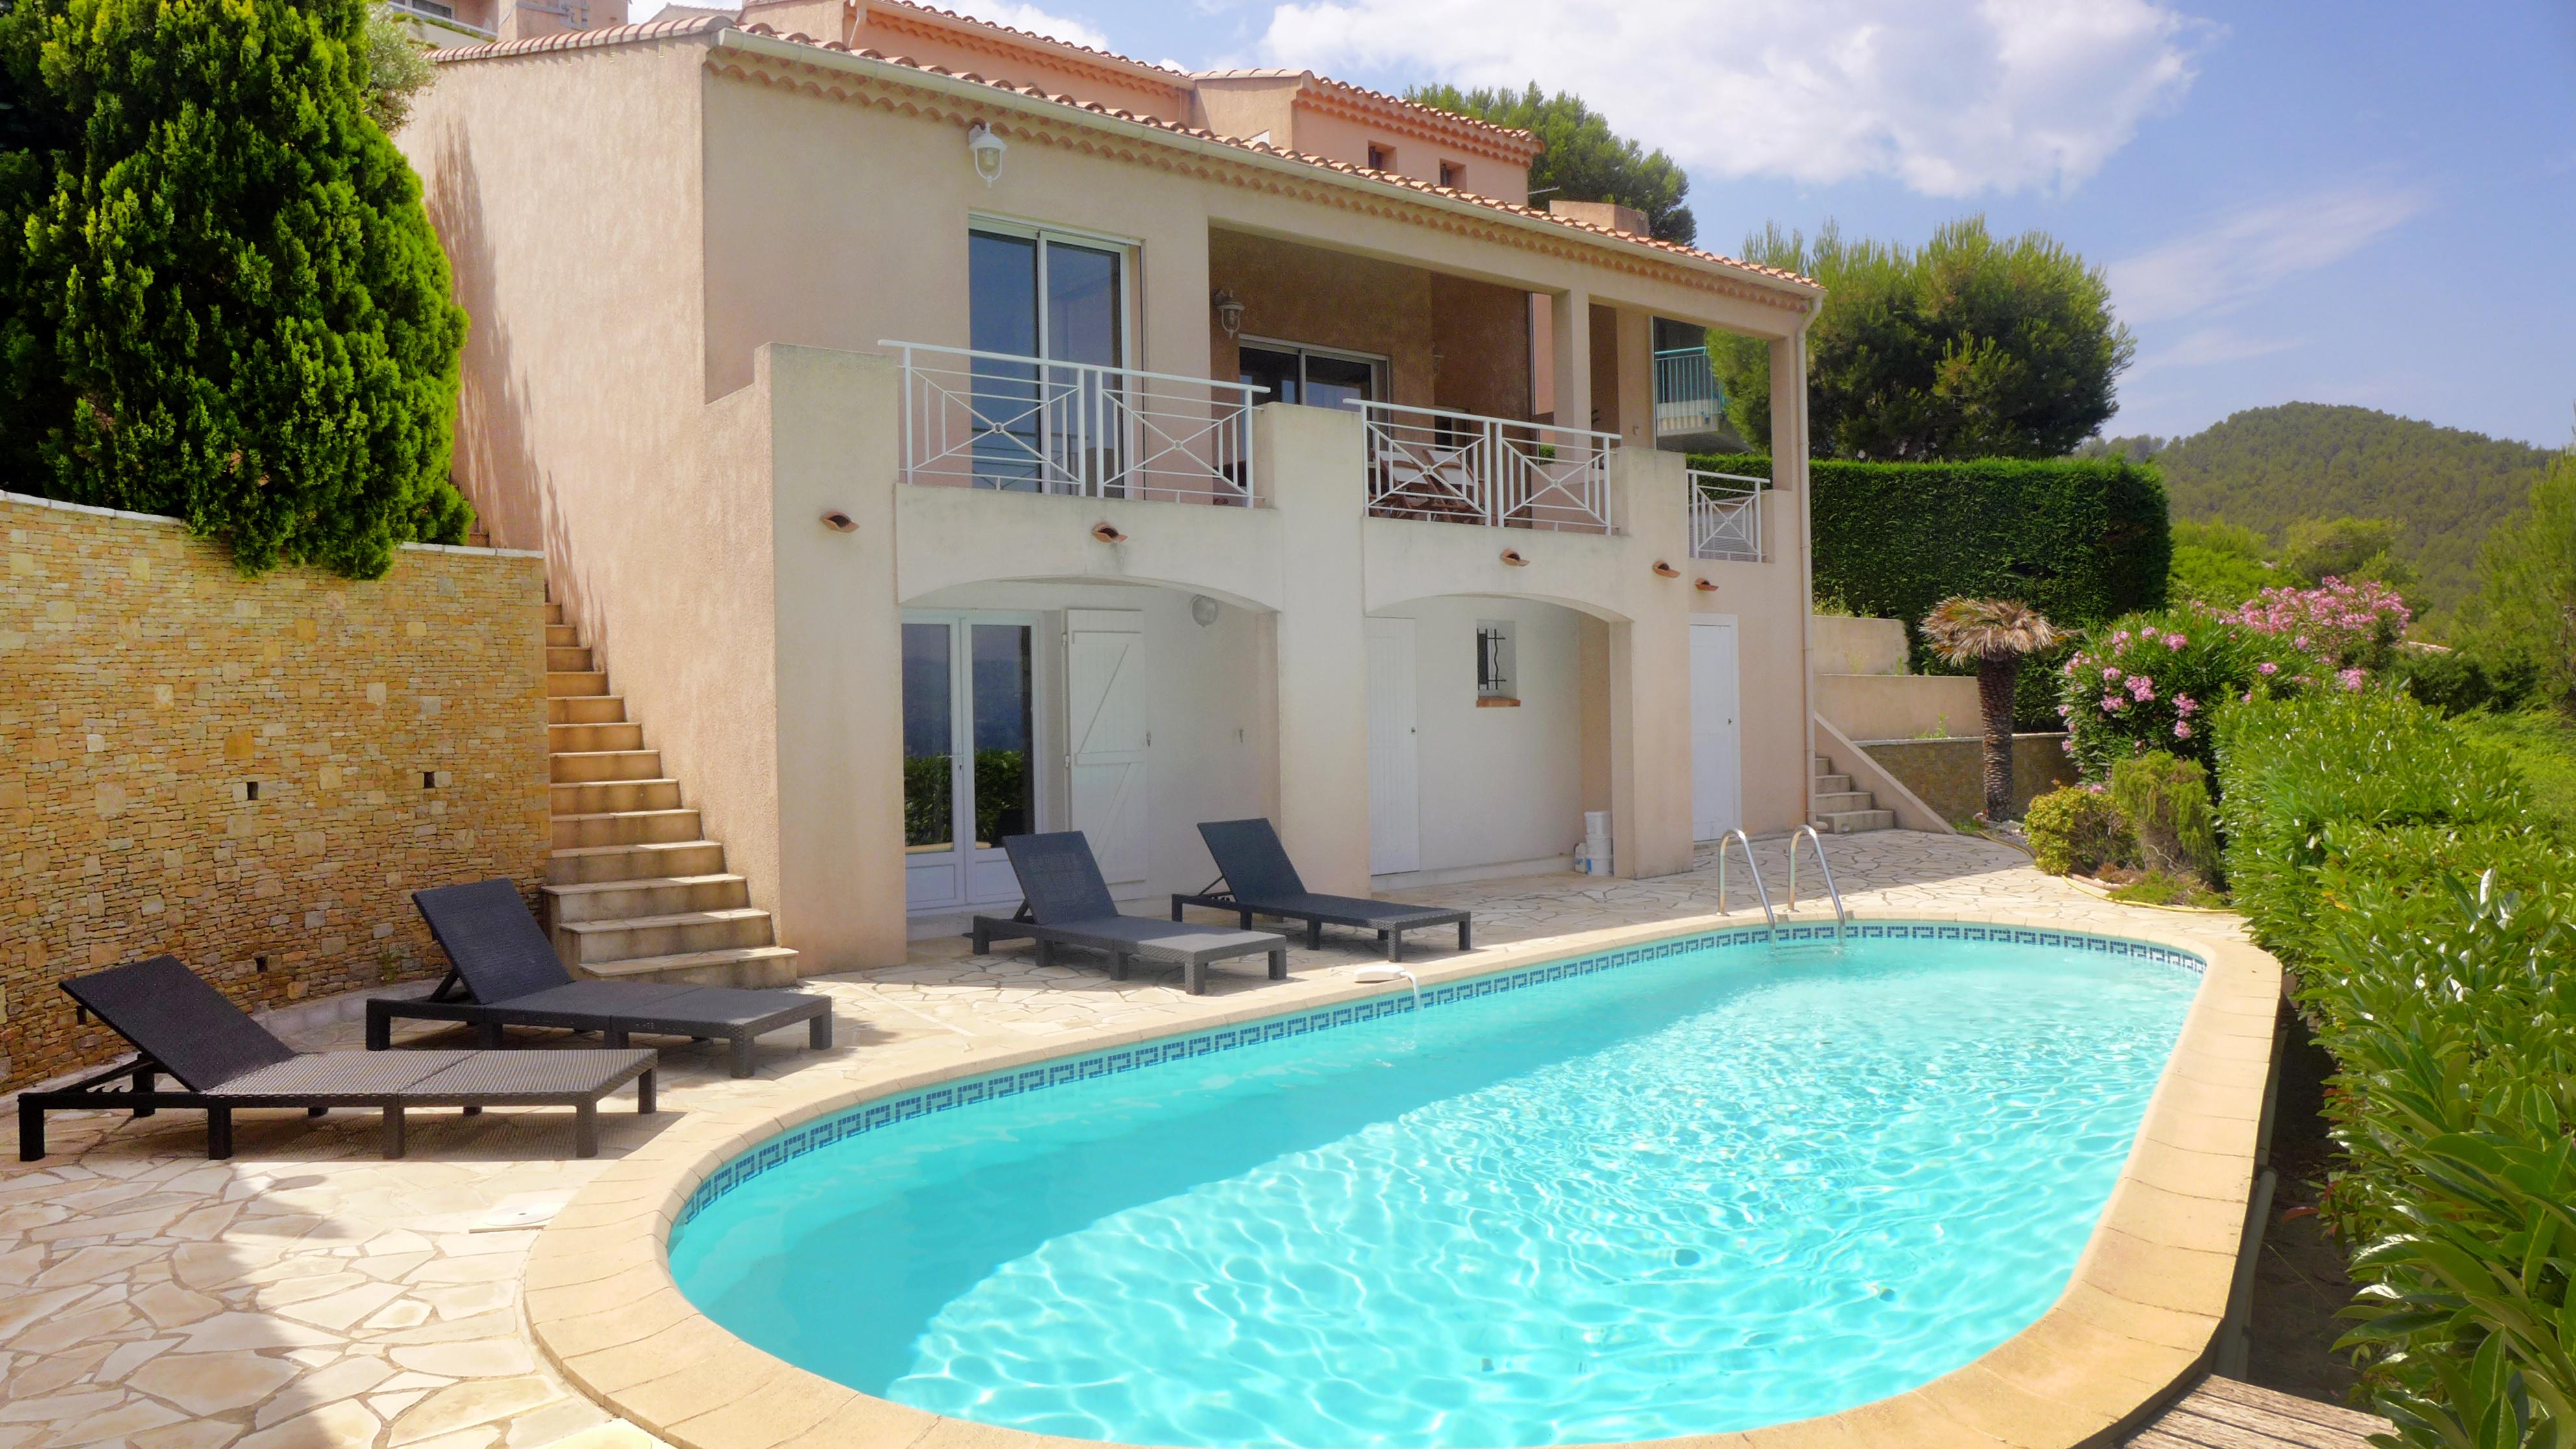 Location vacances Saint Cyr sur Mer La Madrague France